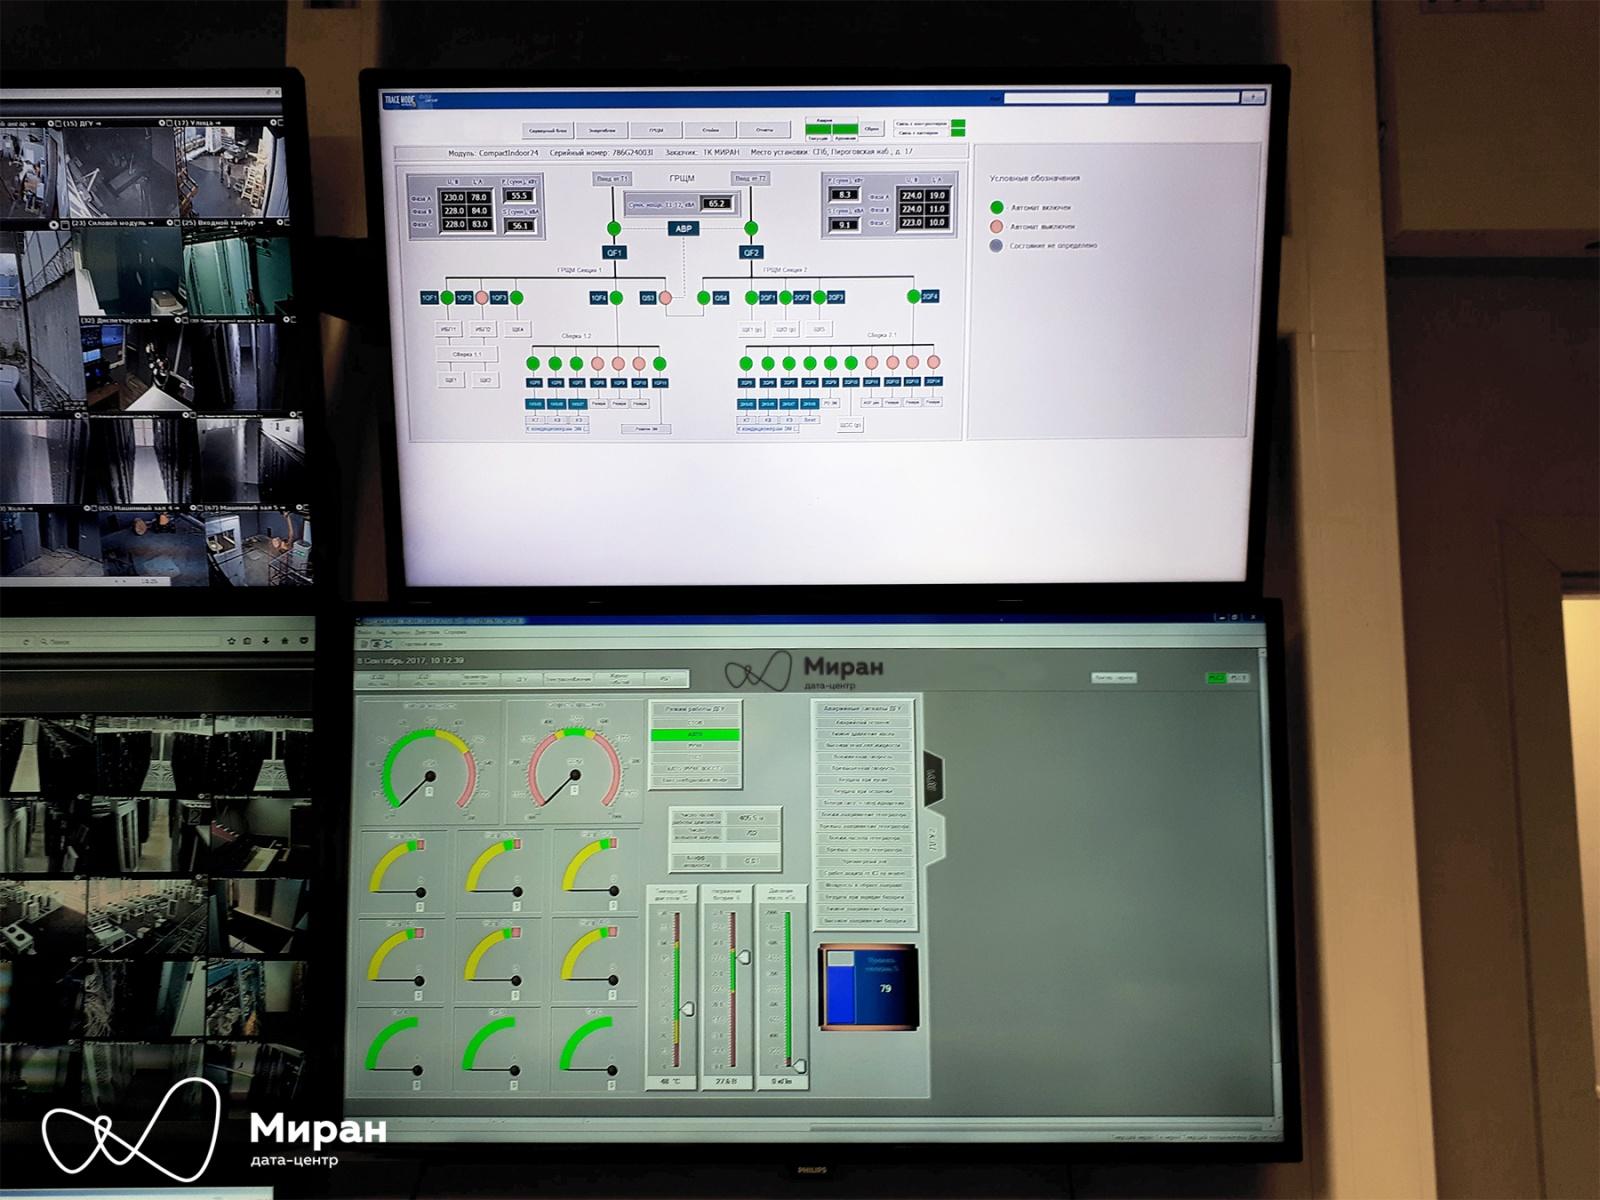 Инженерные системы наших дата-центров и их мониторинг, часть вторая - 3